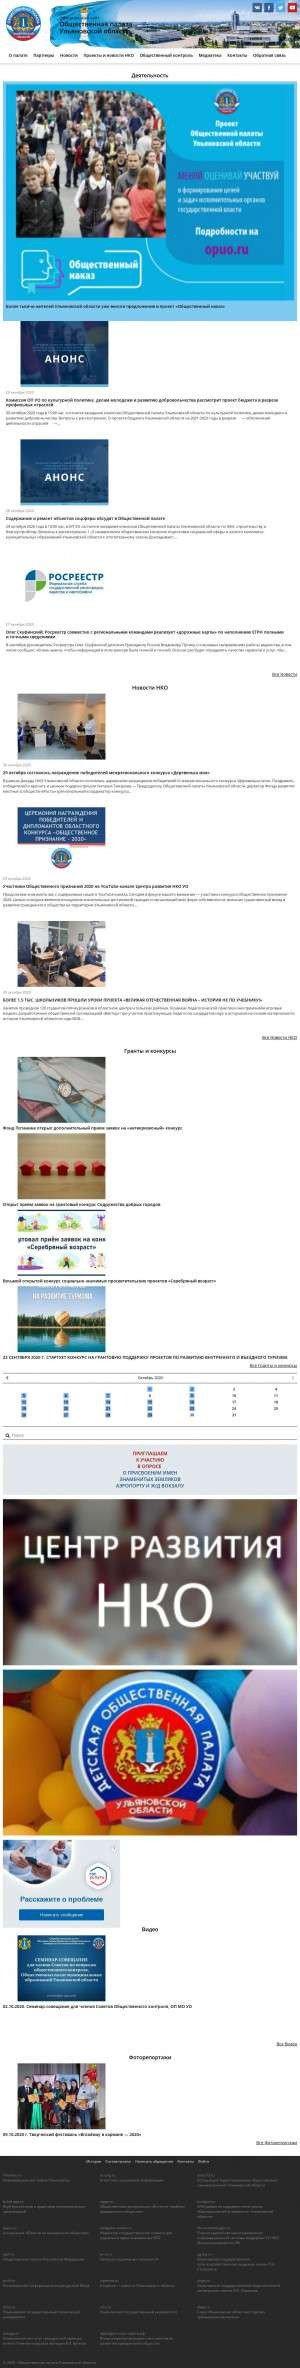 Предпросмотр для opuo.ru — Аппарат Общественной Палаты Ульяновской области